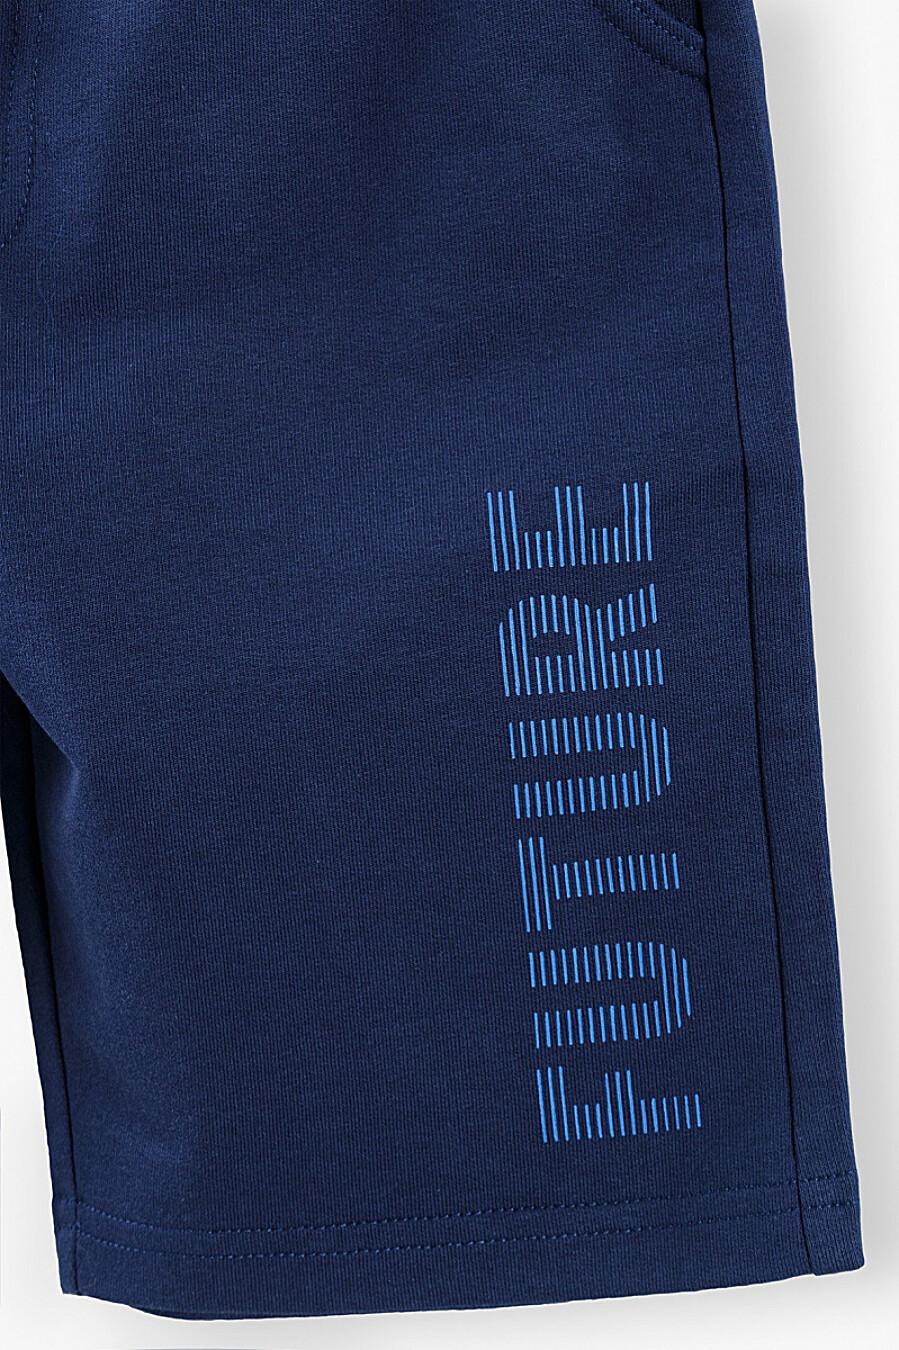 Шорты для мальчиков 5.10.15 668588 купить оптом от производителя. Совместная покупка детской одежды в OptMoyo